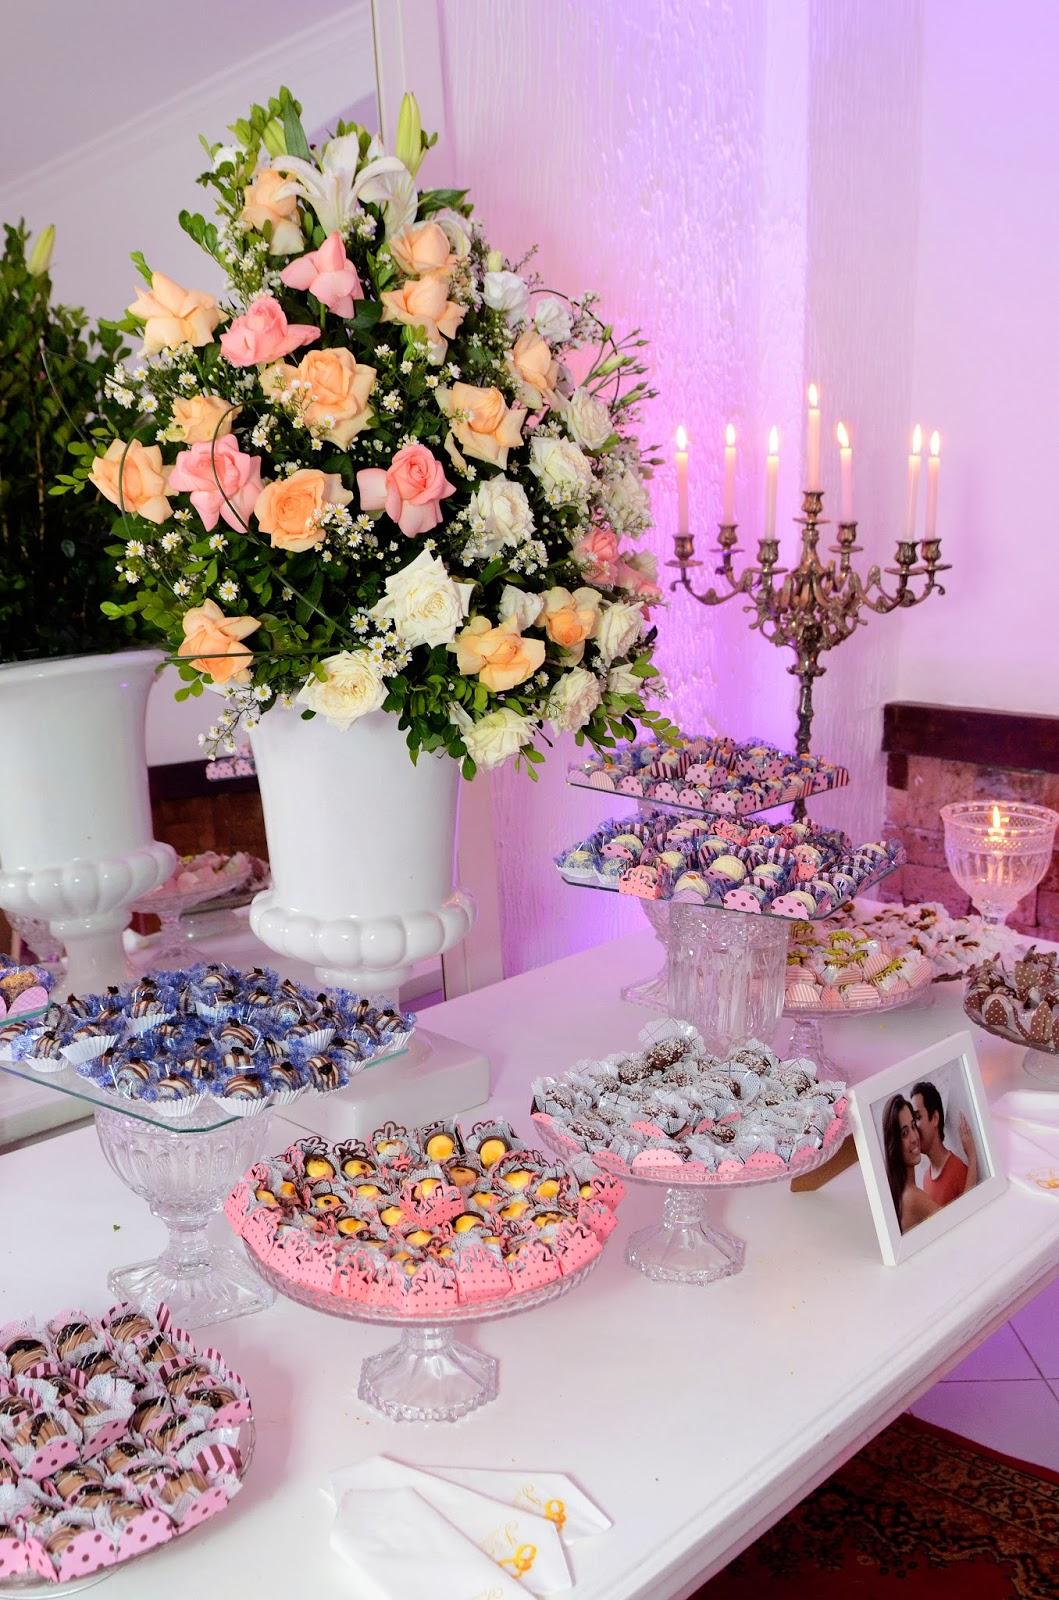 festa - recepção - mesa de doces - doces - decoração - decoração da festa